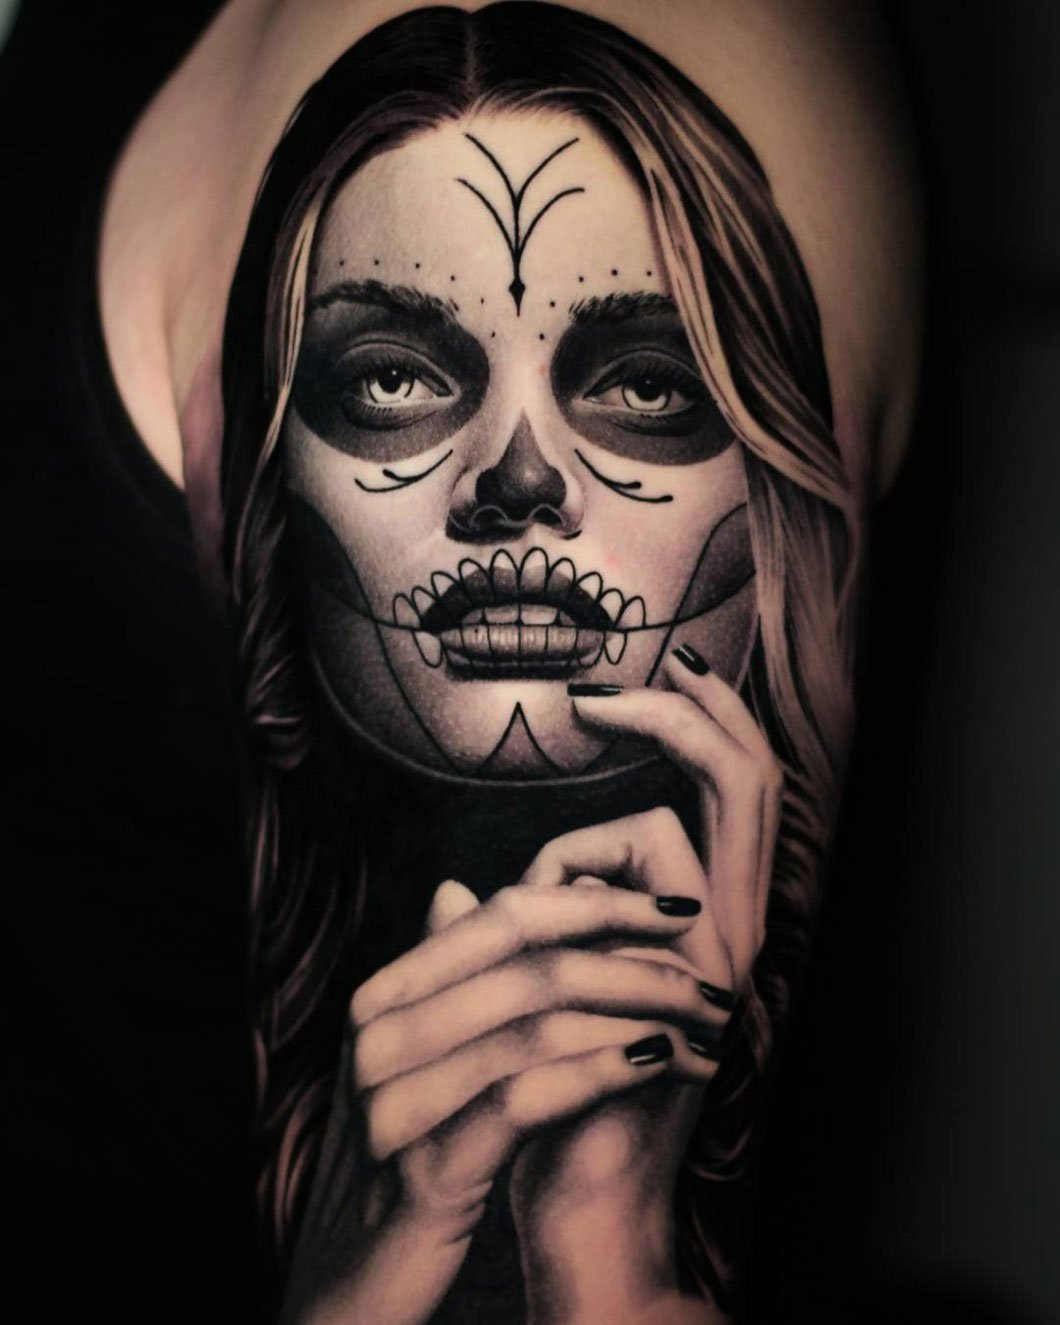 halottak napja lány tetoválás